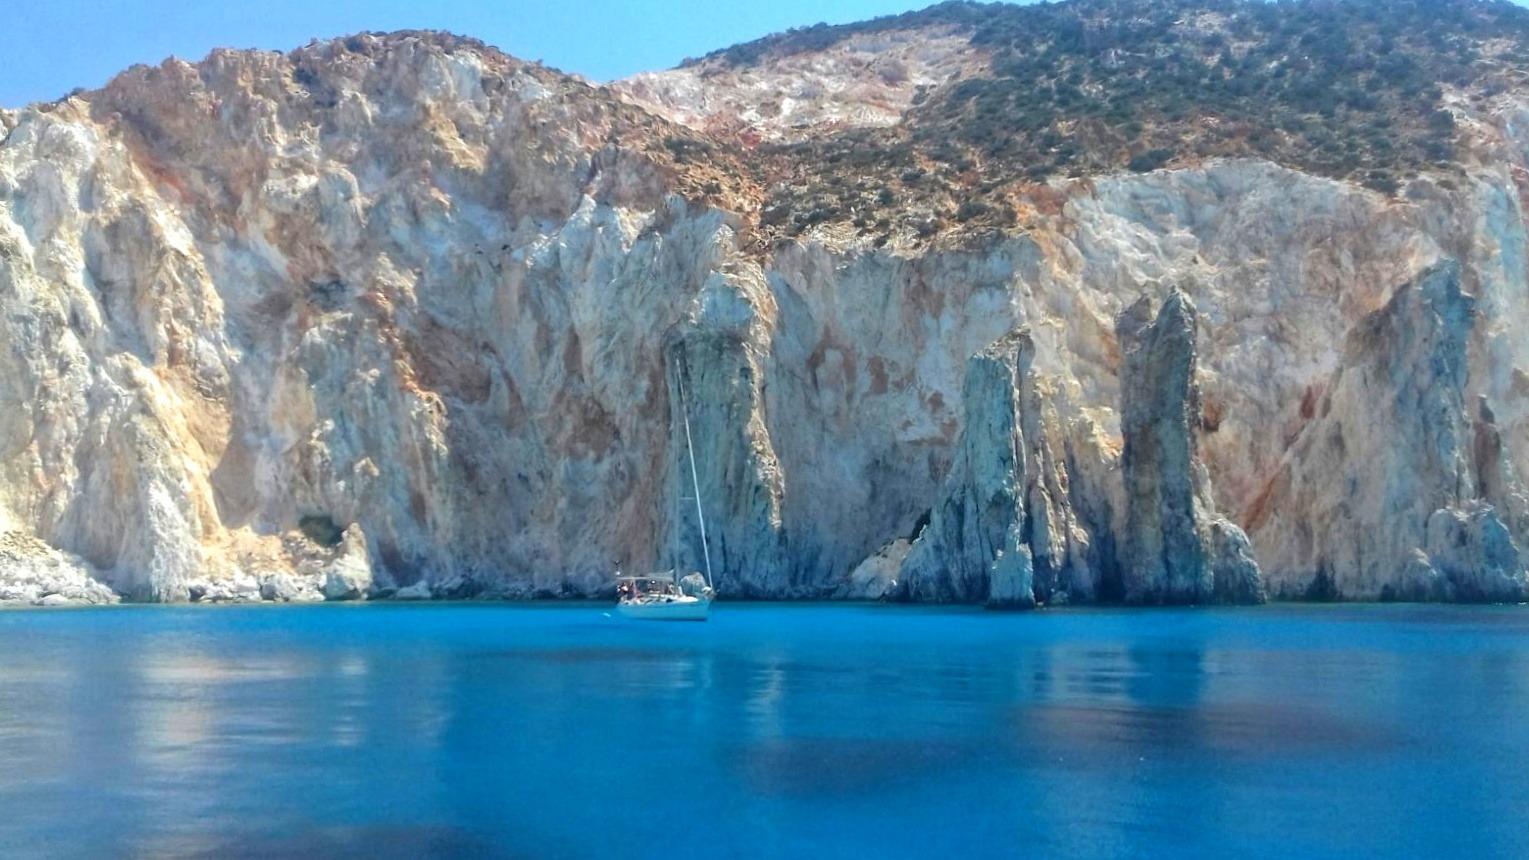 IMG 20180718 WA0020 02 - Vacanze In Barca a Vela in Grecia